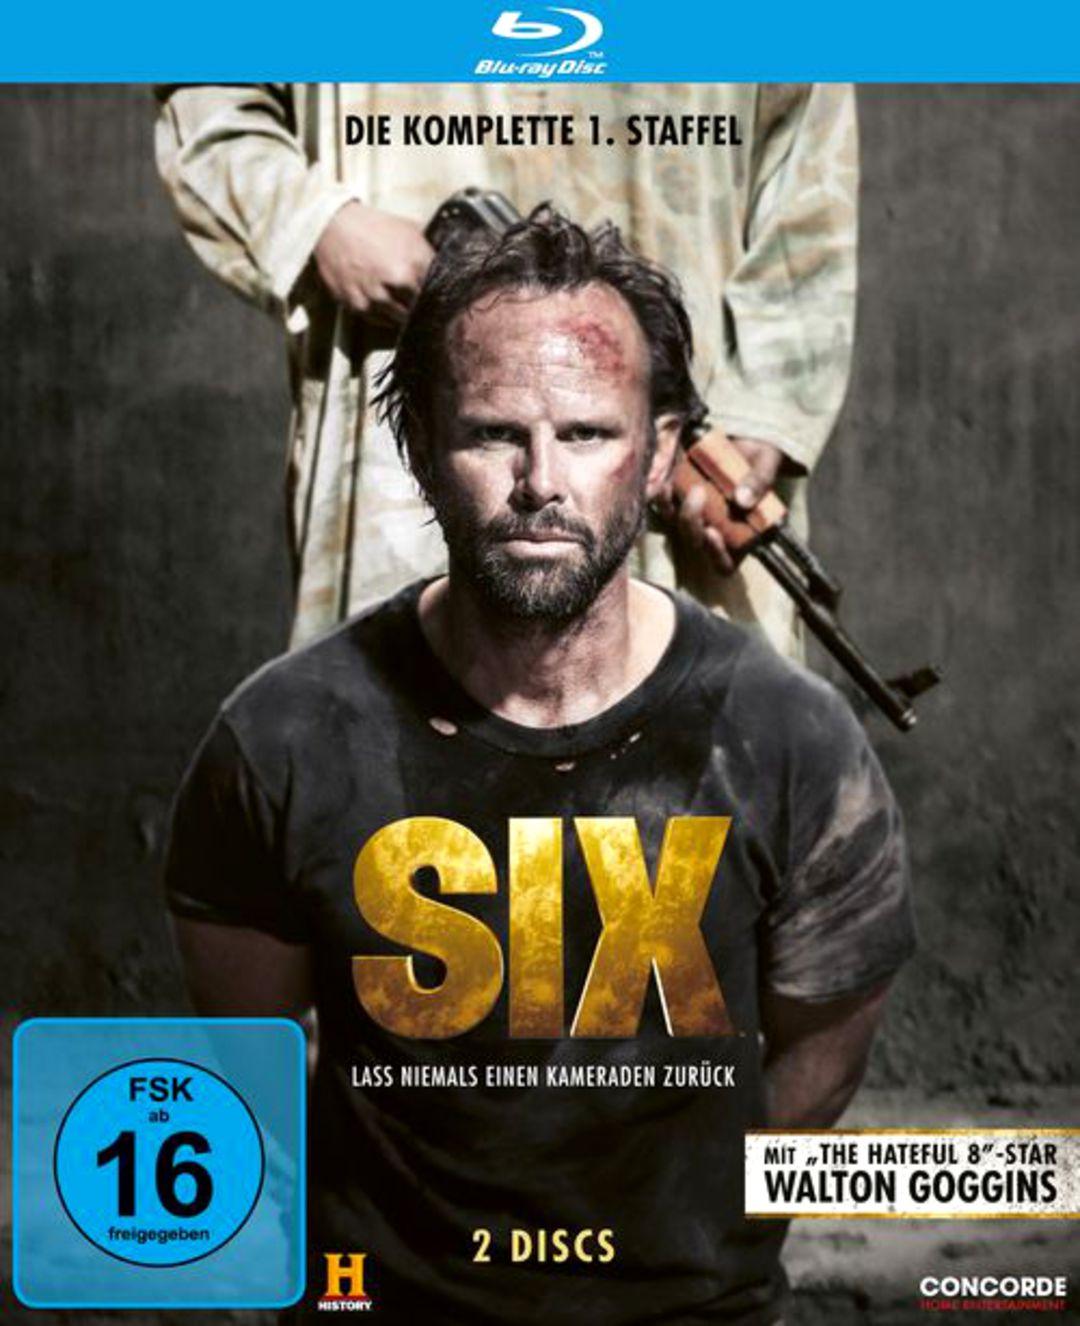 Six Staffel 1: Exklusiver Clip zur Action-Serie - Bild 1 von 25